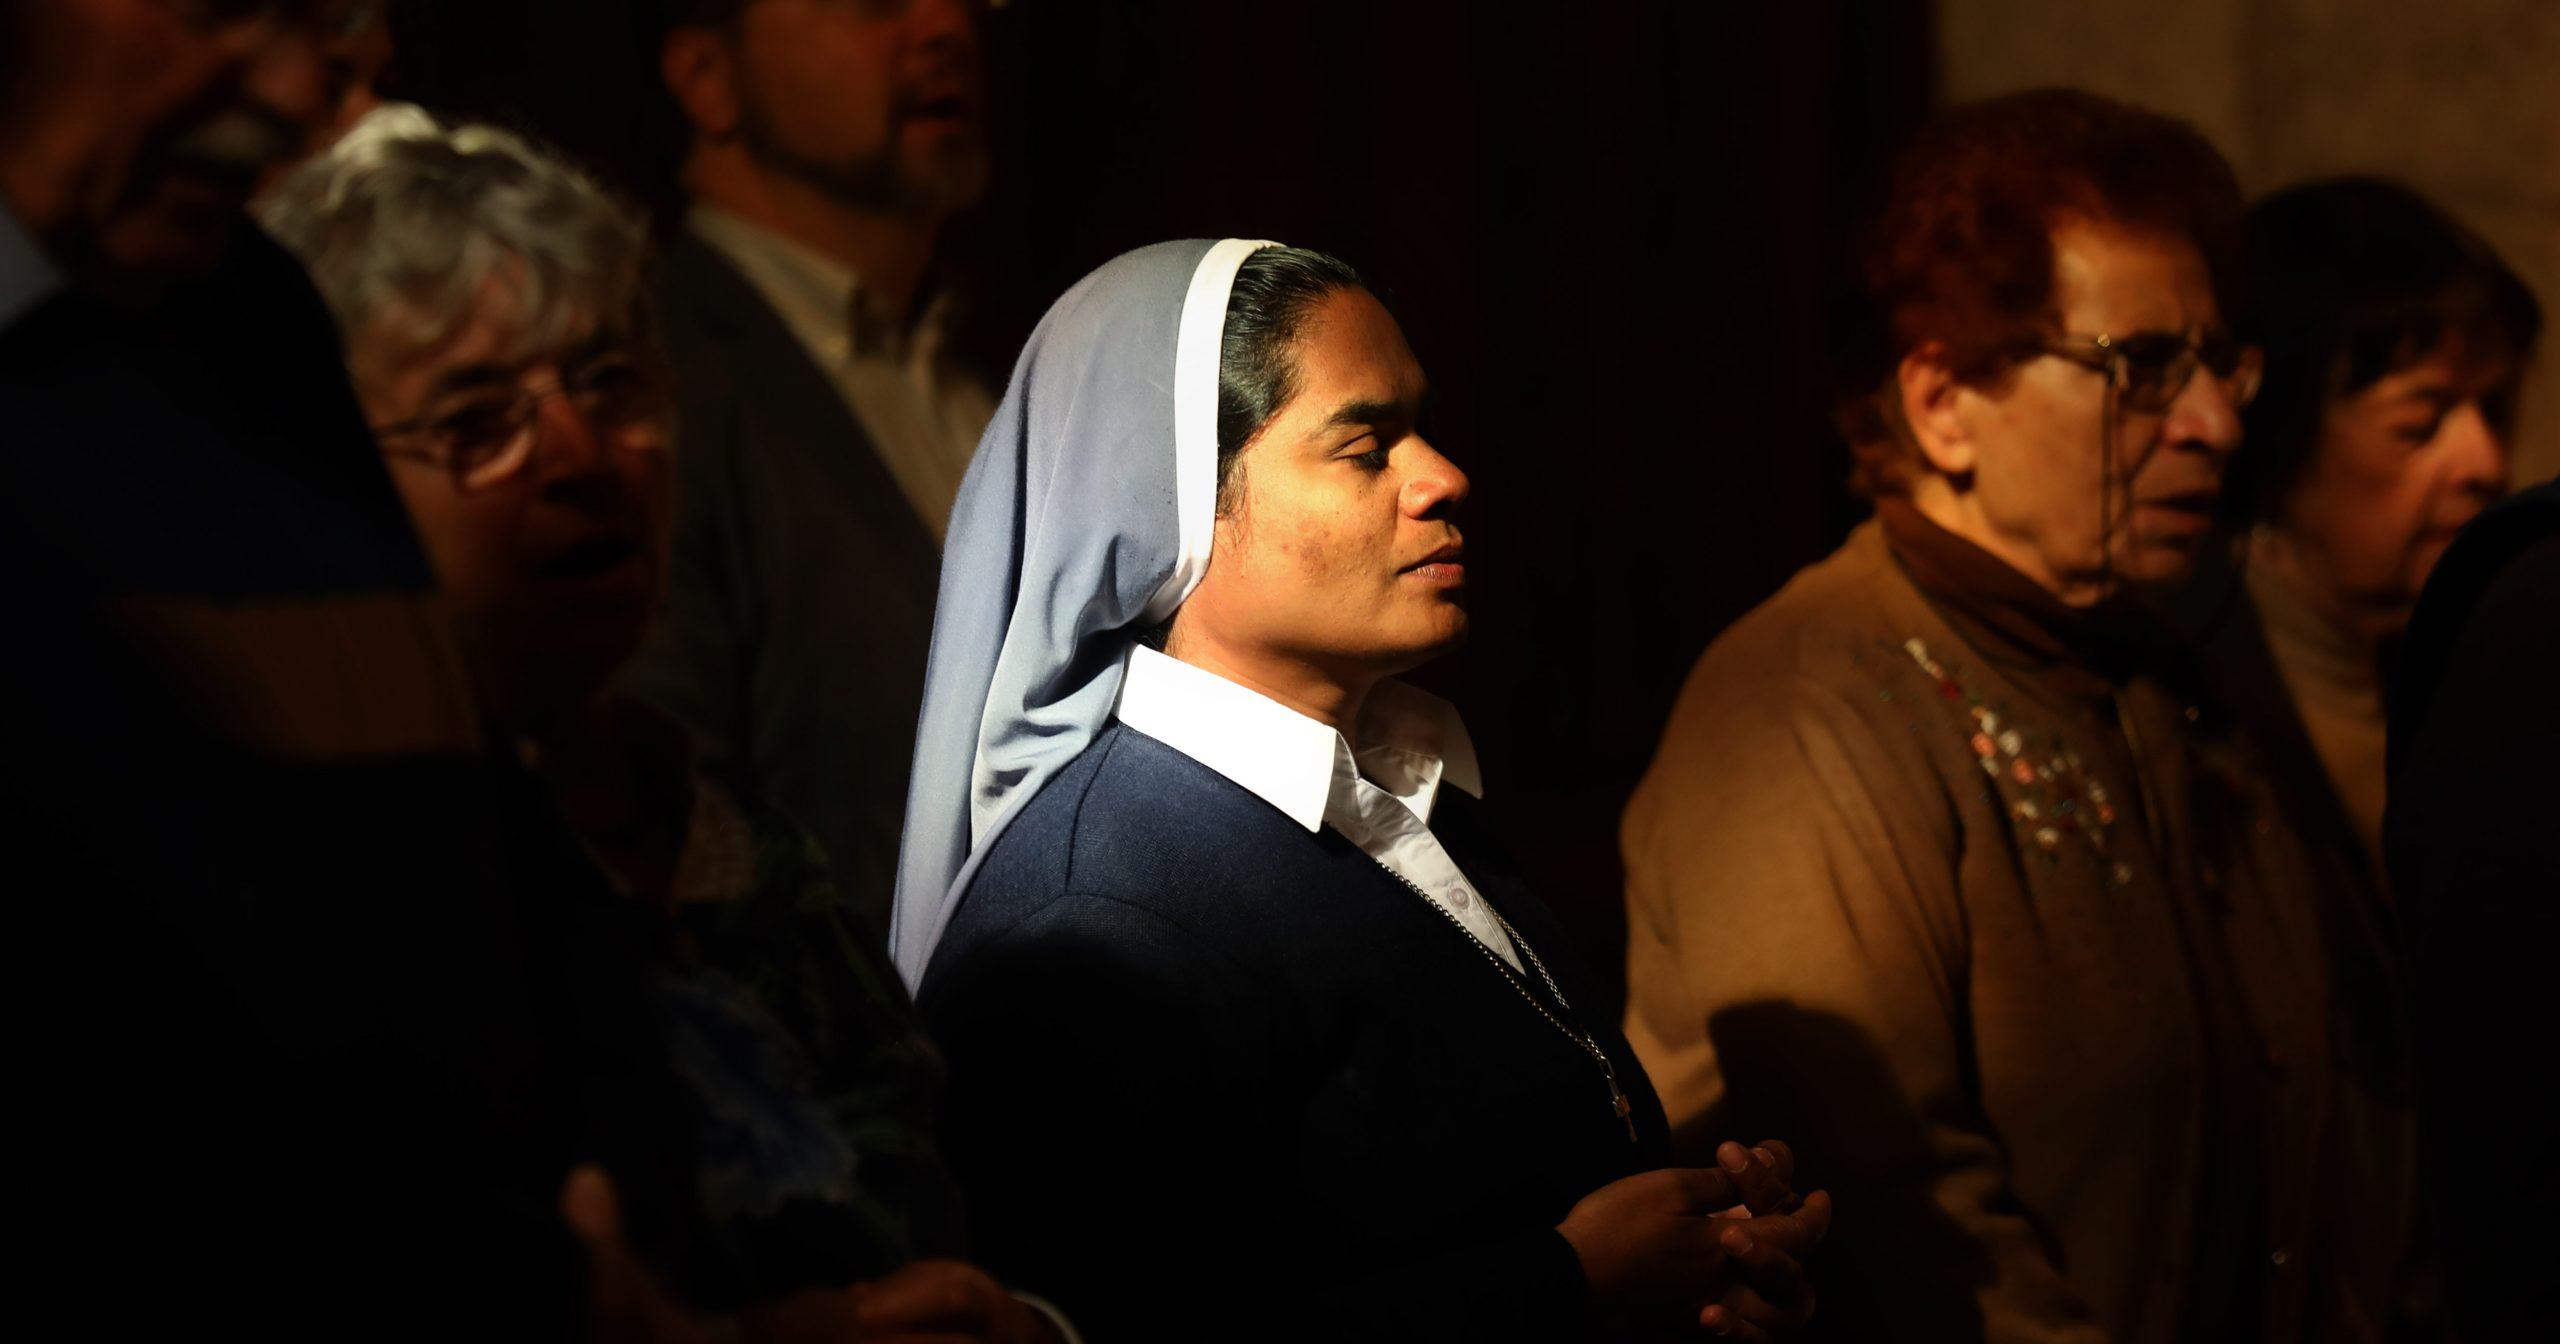 Cristiani perseguitati (La Presse)